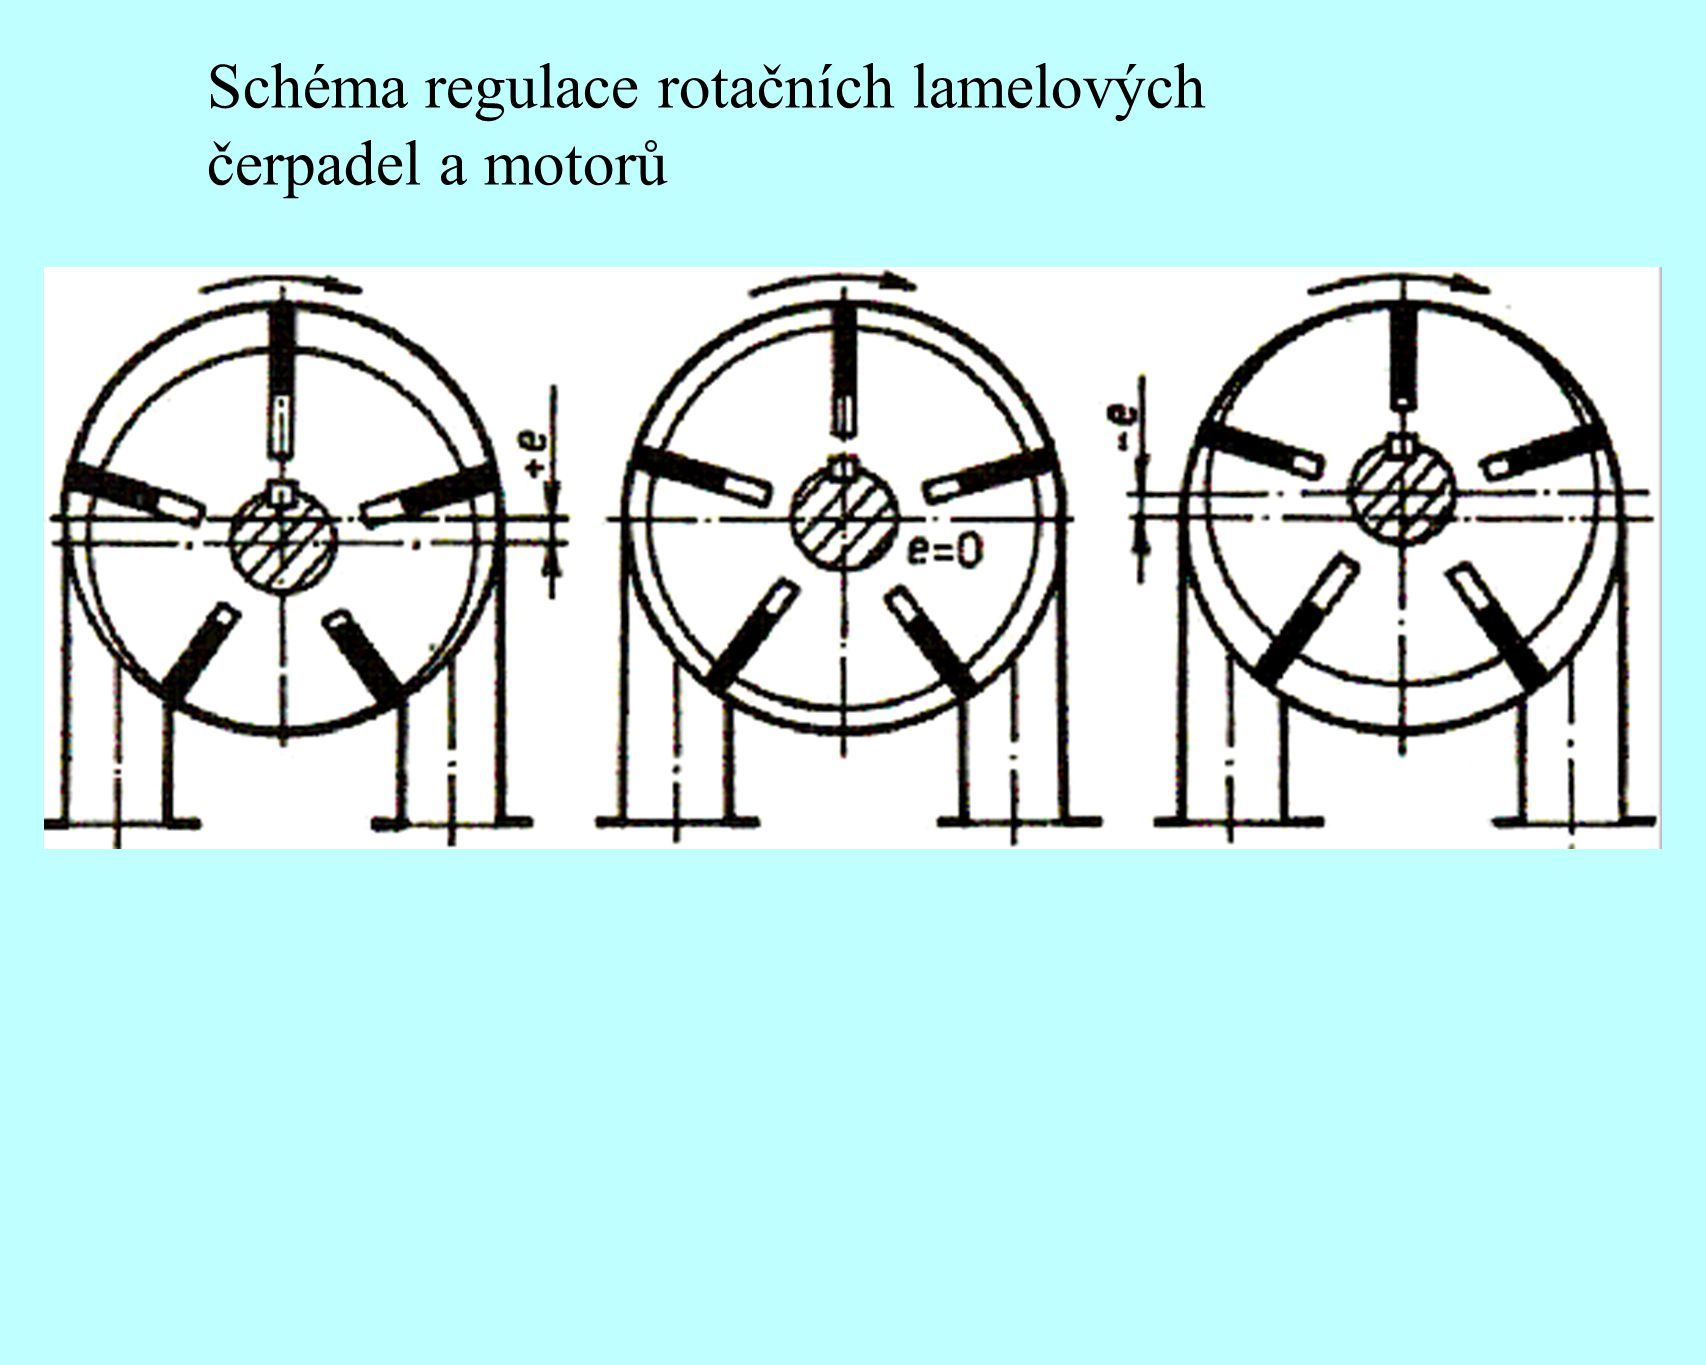 Schéma regulace rotačních lamelových čerpadel a motorů